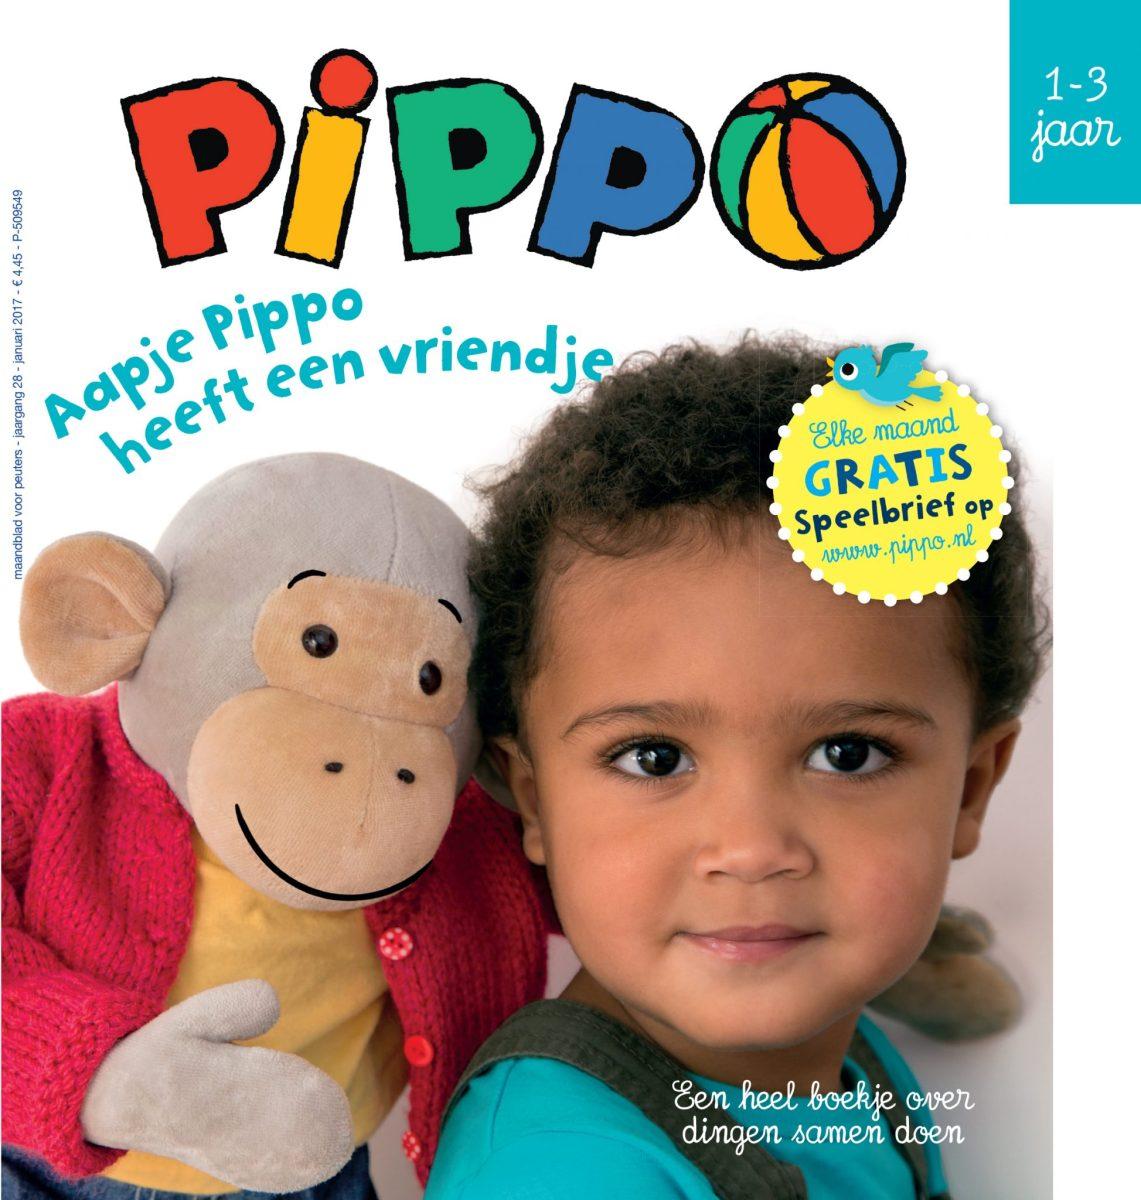 pippo actie half jaar abonnement 6 nummers abo